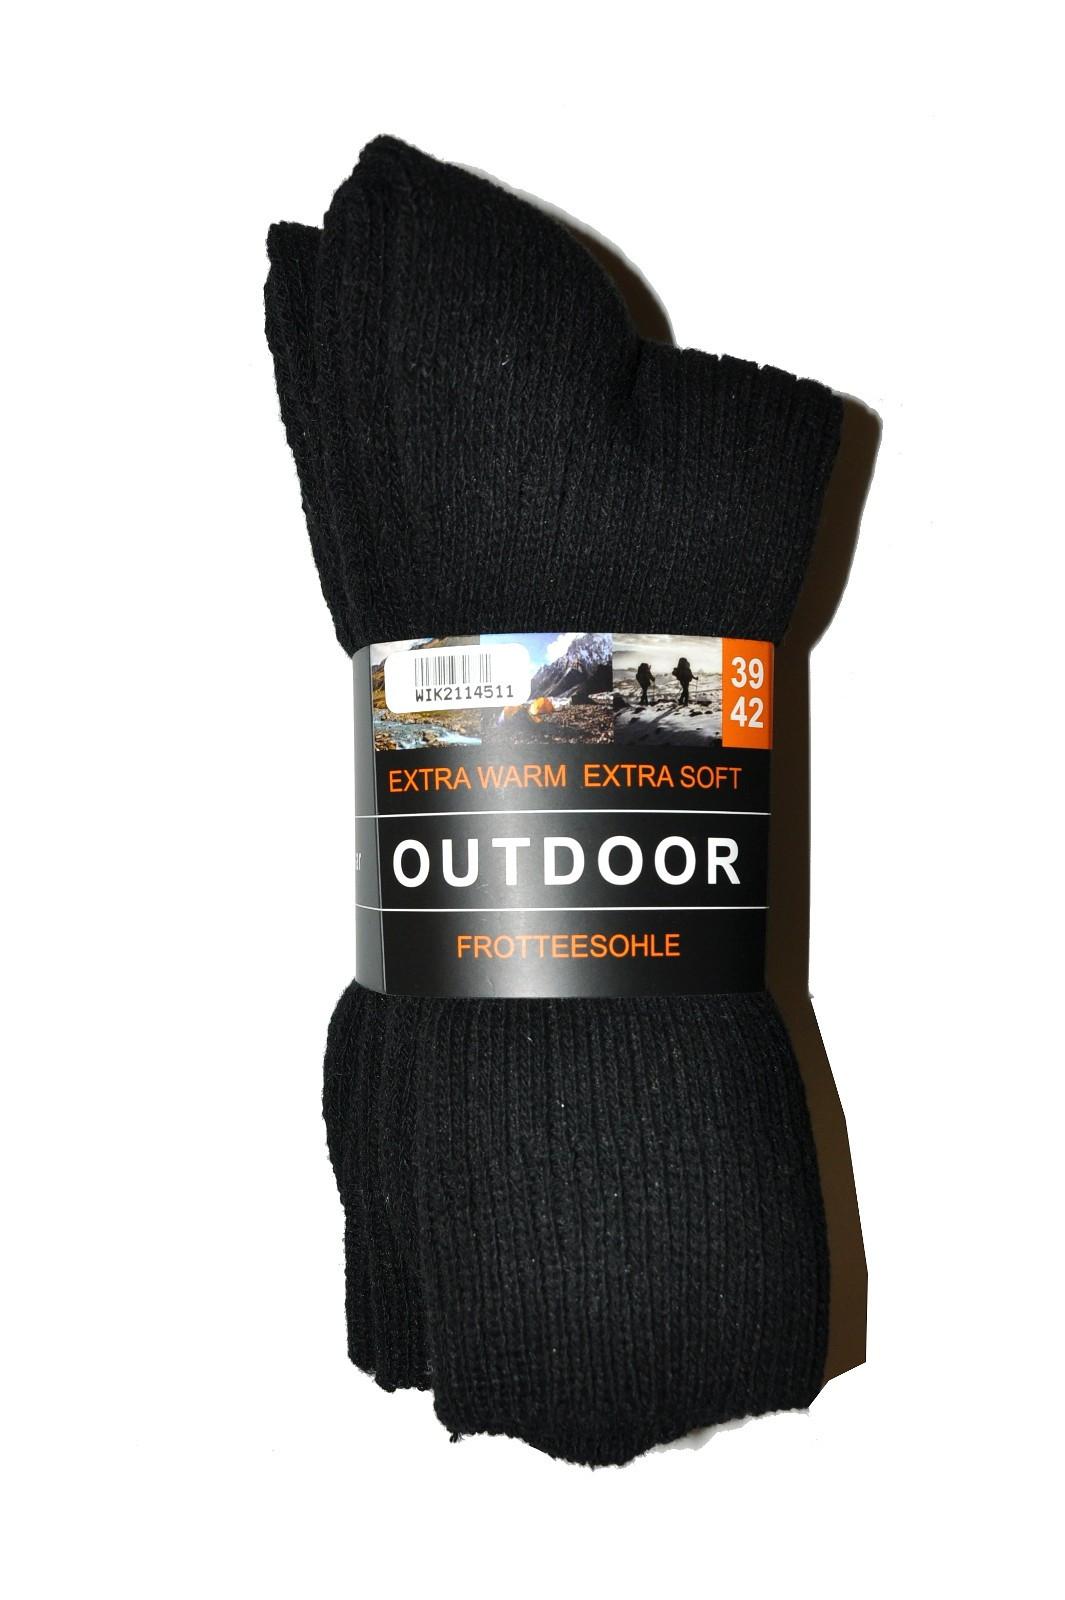 Pánske ponožky WIK 21145 Outdoor Extra Warm A'3 czarne 39-42